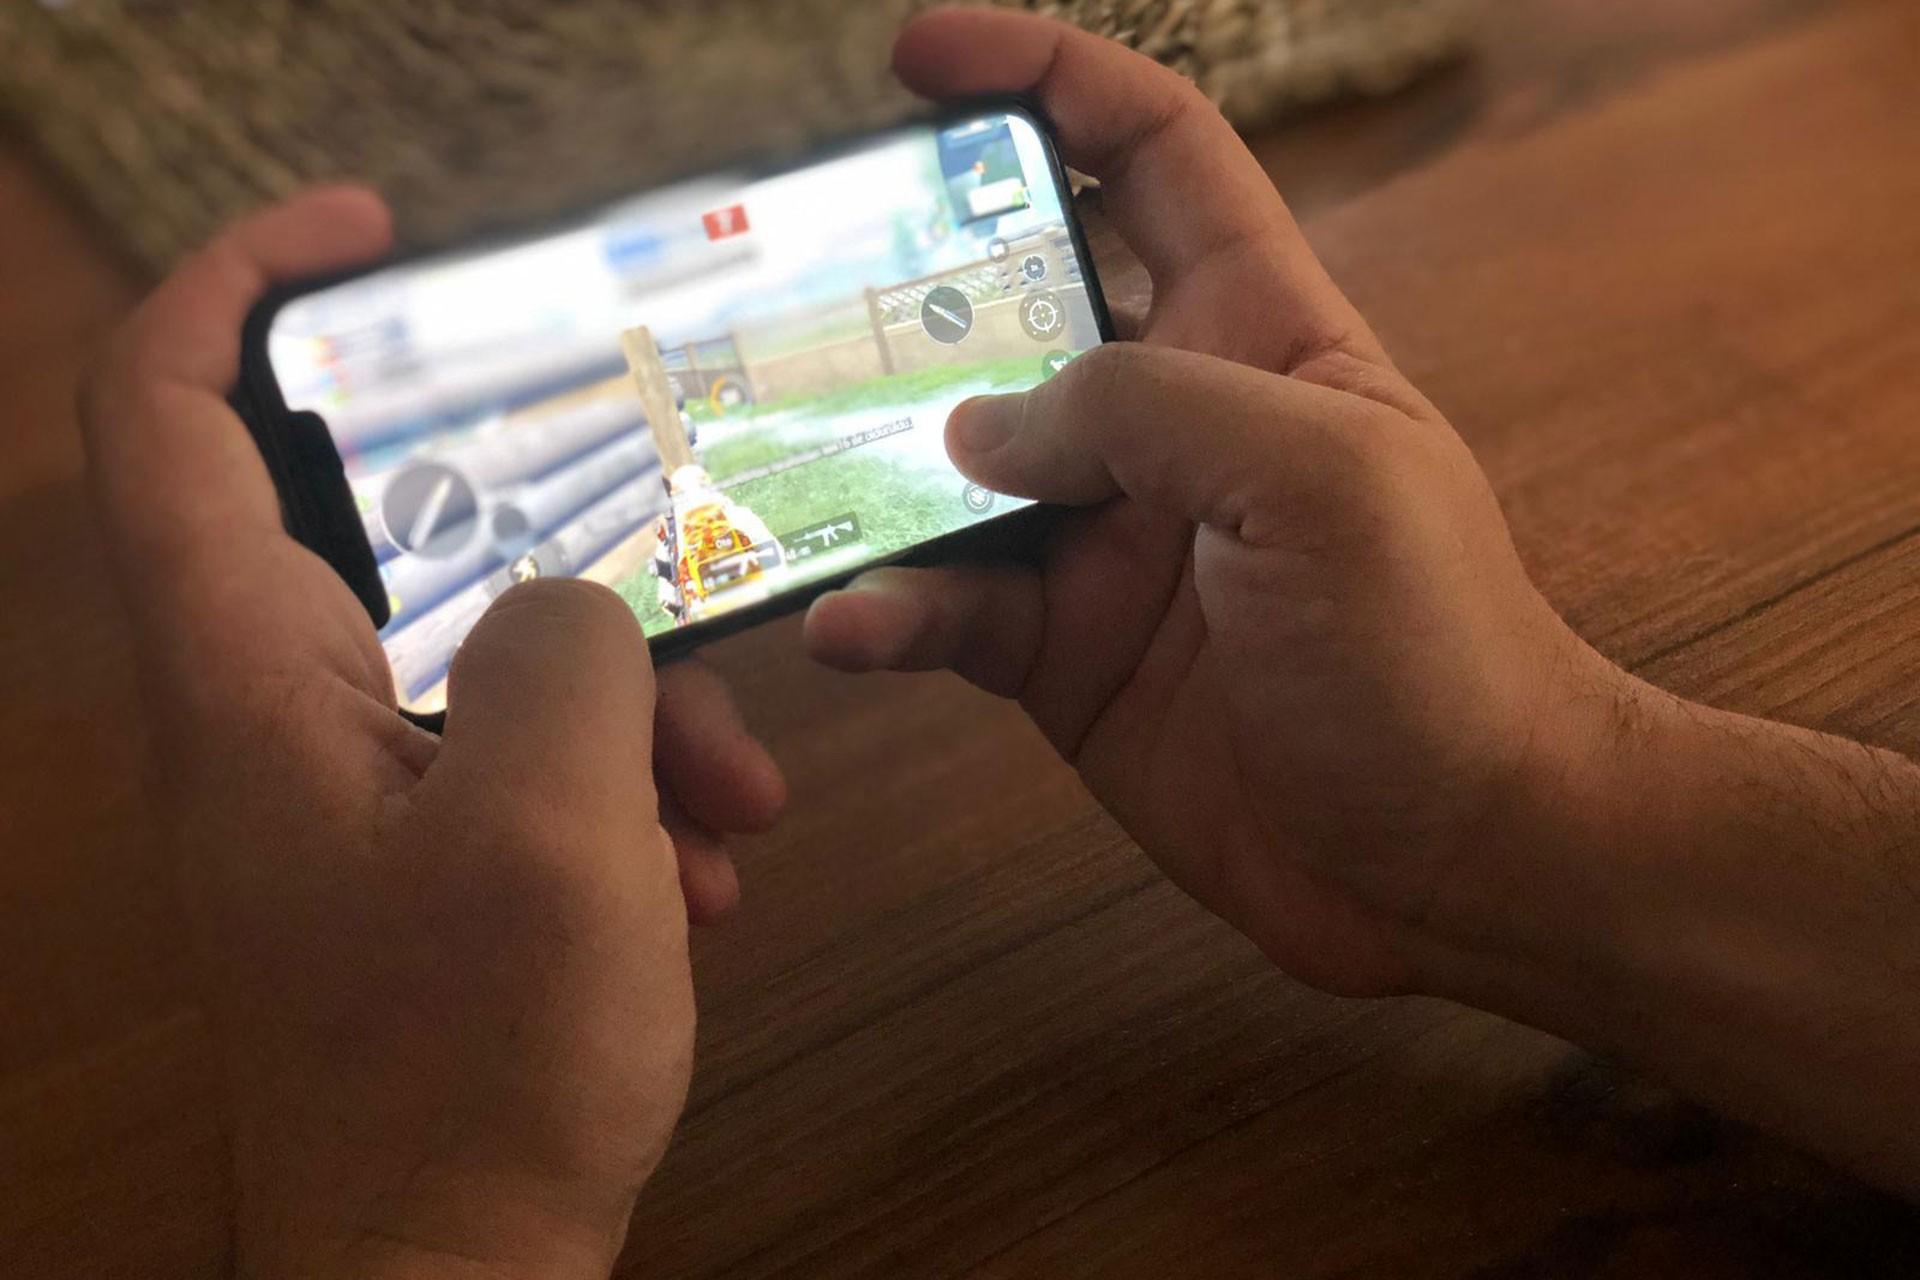 Otomotiv fabrikalarında işçiler mobil oyuna yöneliyor